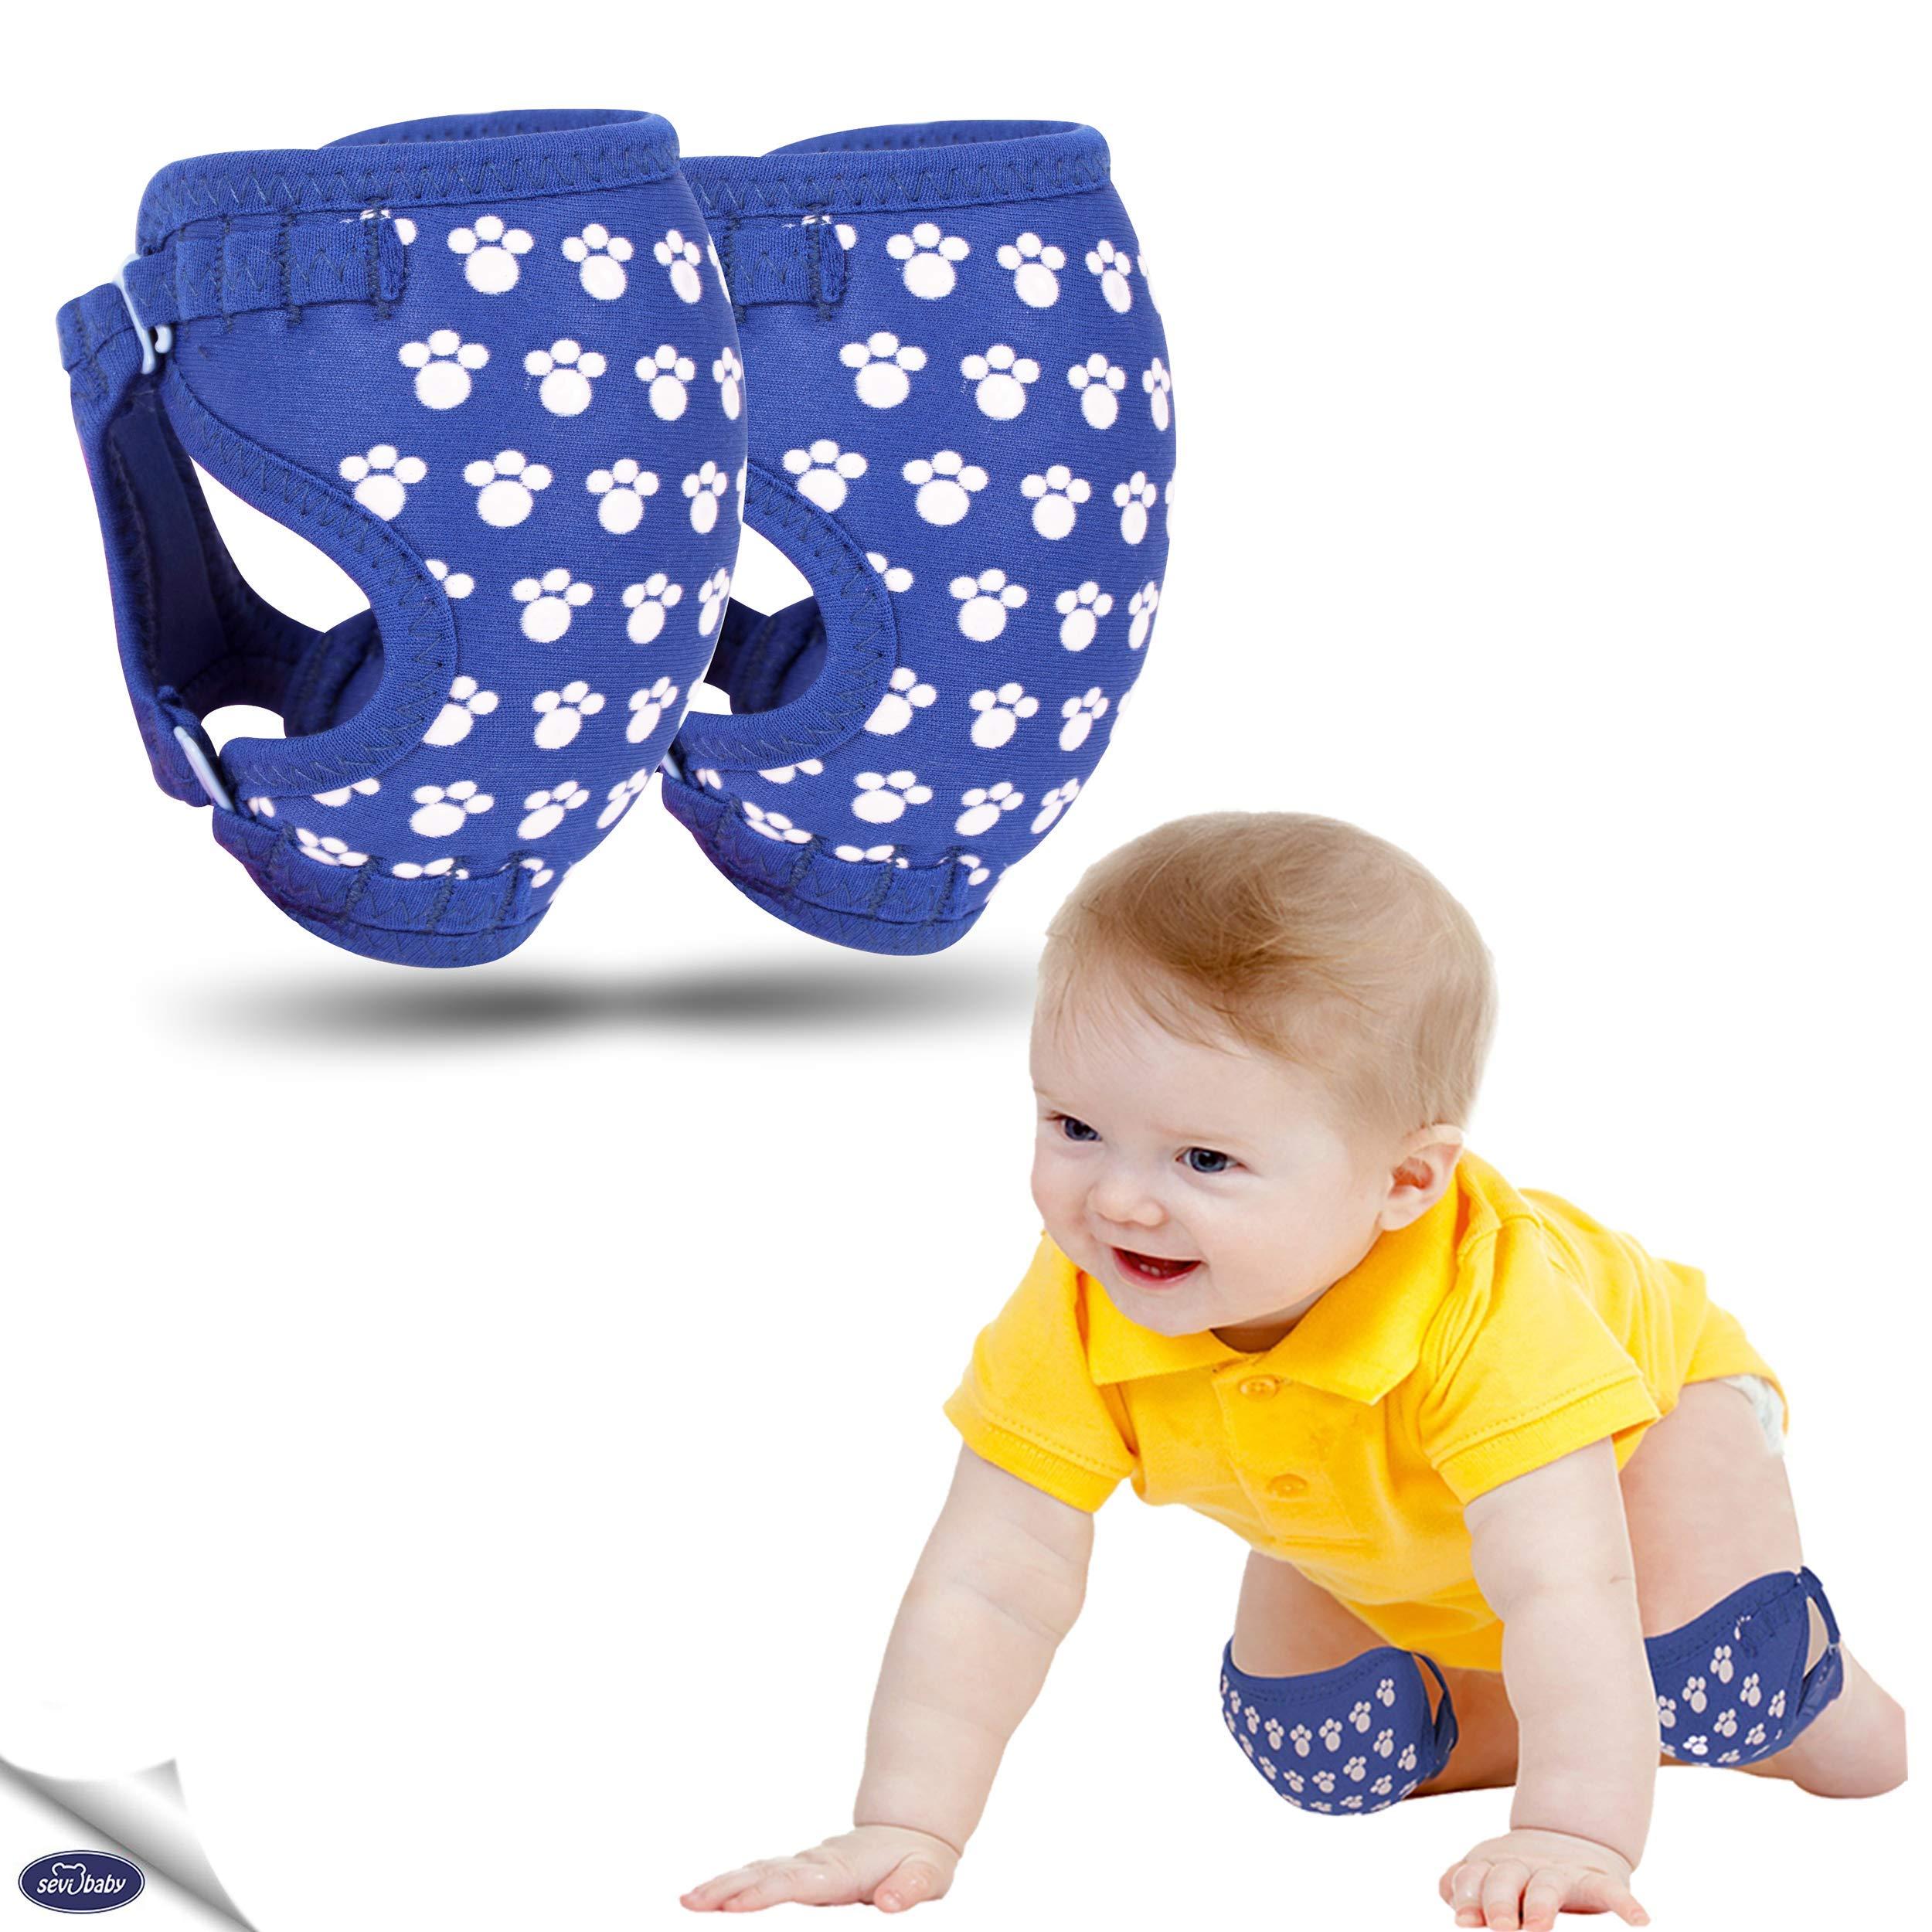 适合爬行的婴儿护膝,独特设计由针织面料制成,可轻松调节防滑护膝,女宝宝、男孩、儿童、透气护膝,膝 蓝色